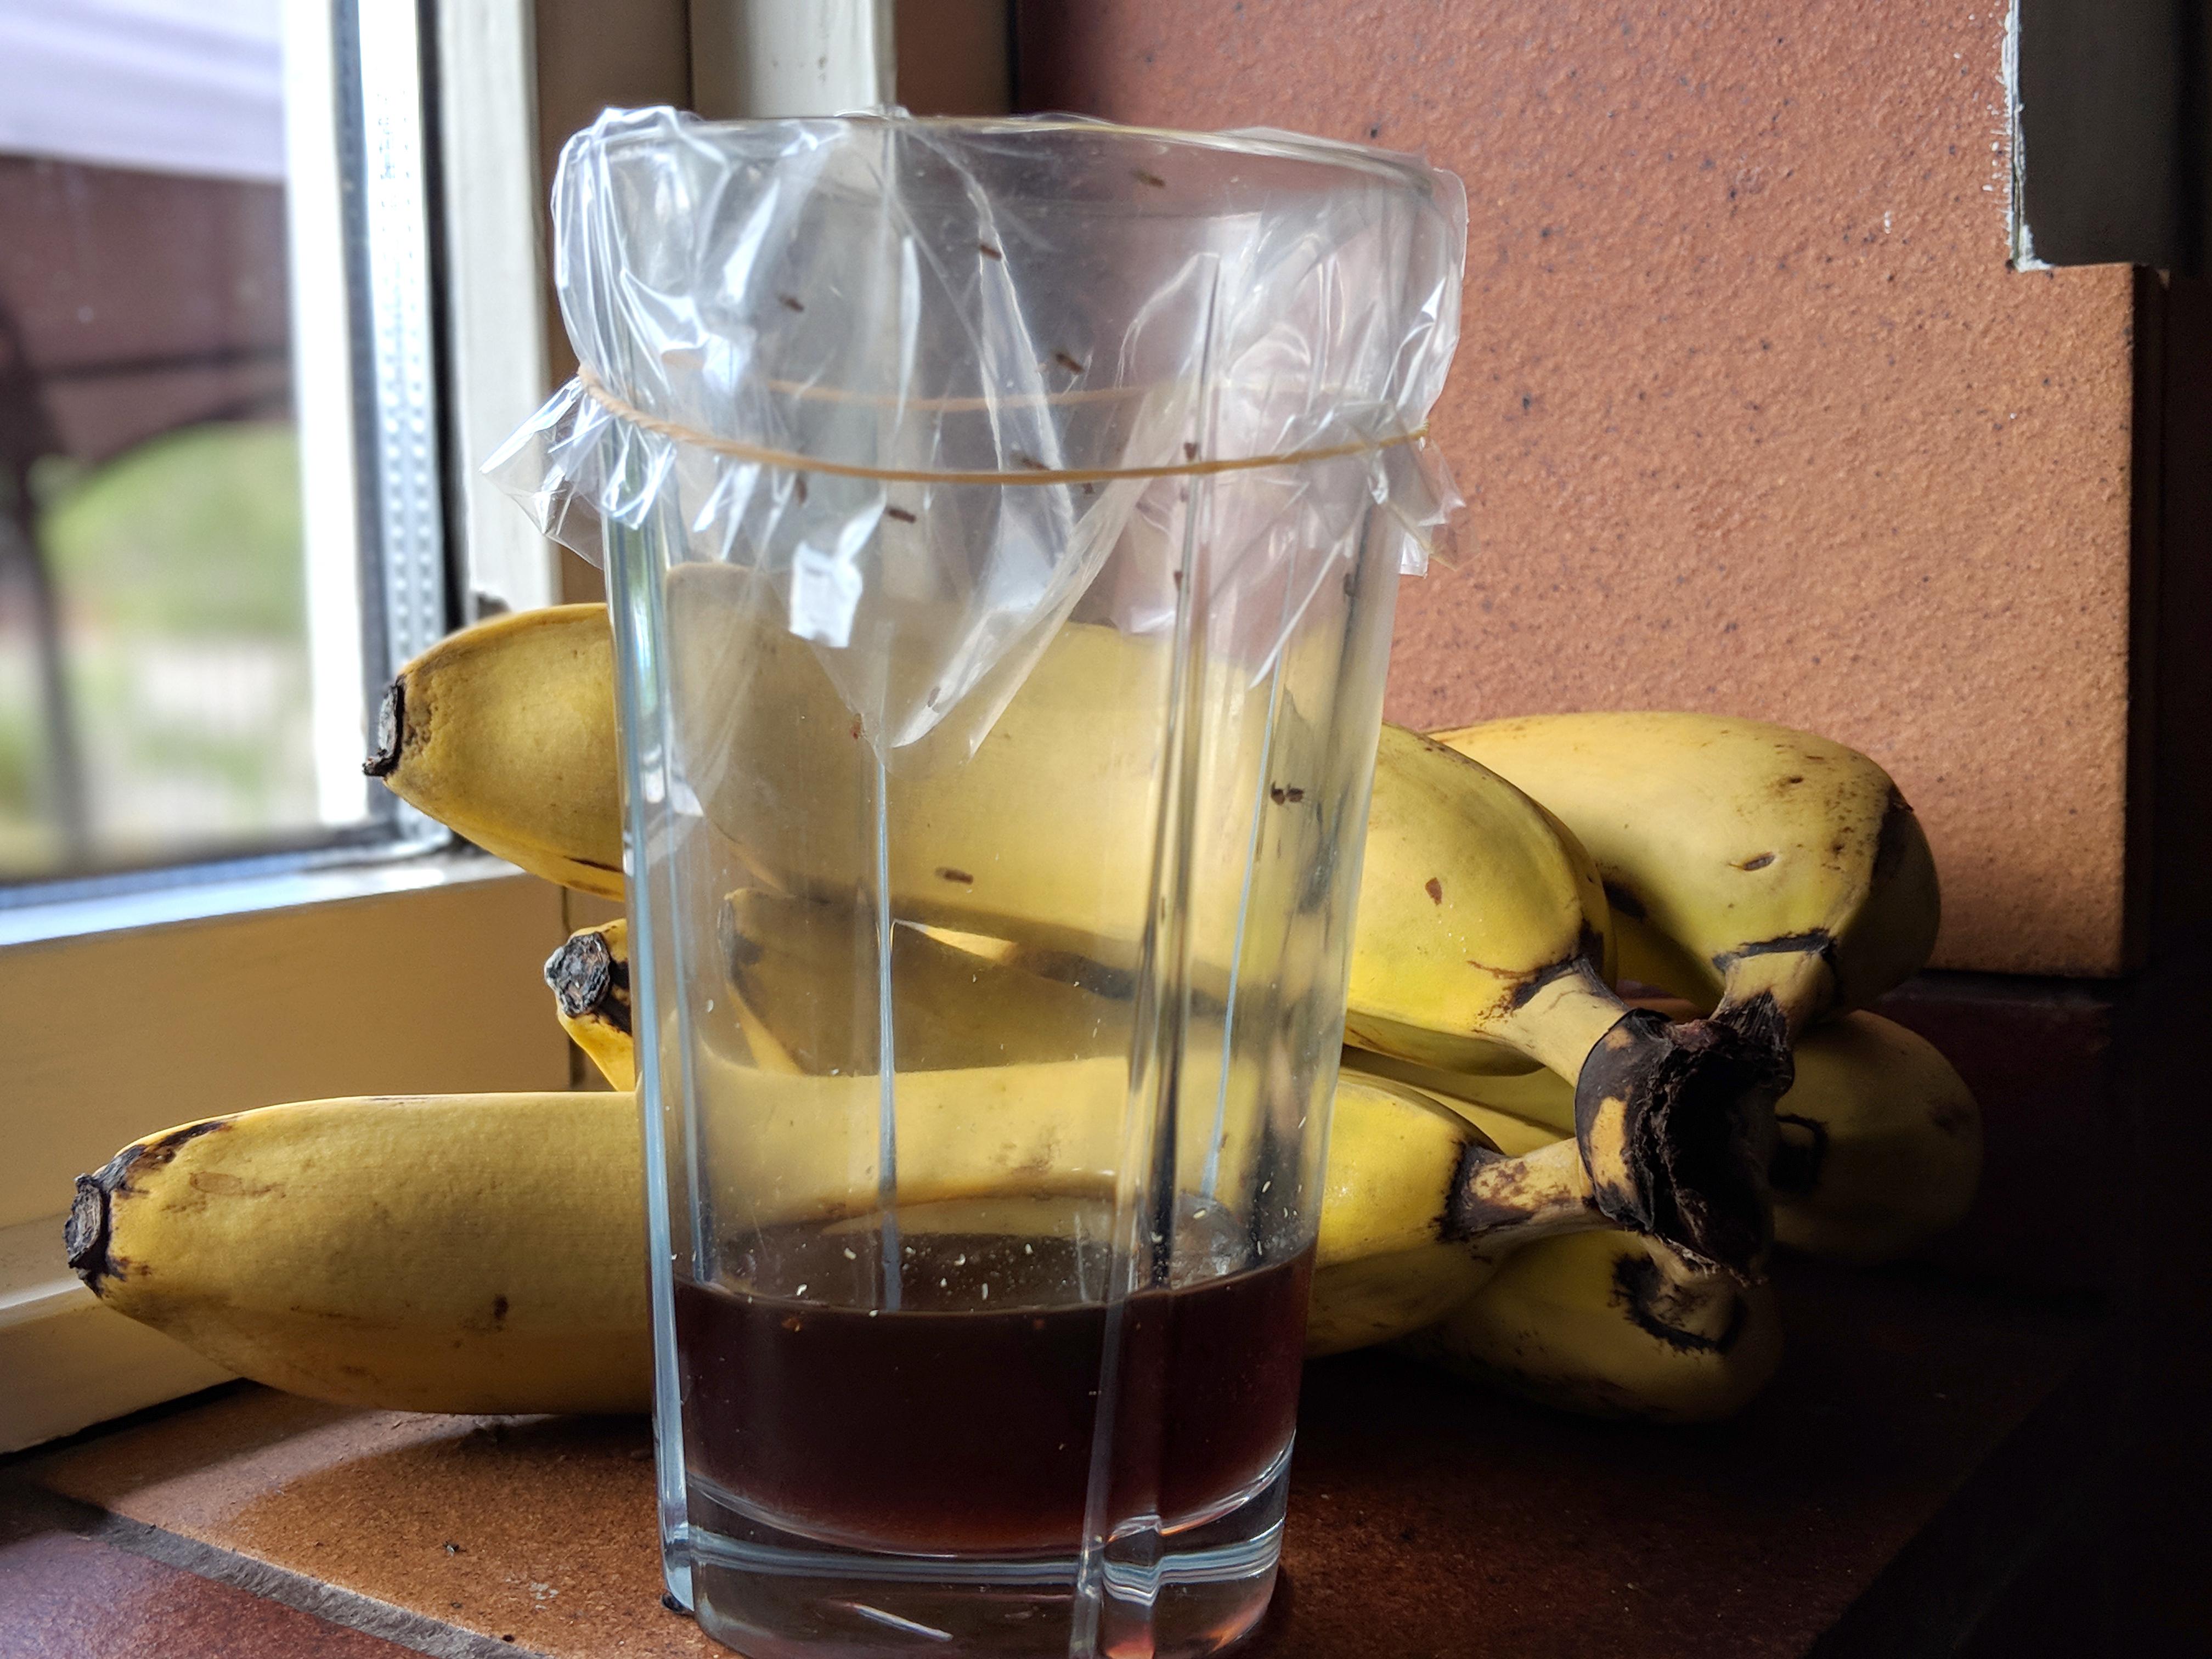 bananflugor